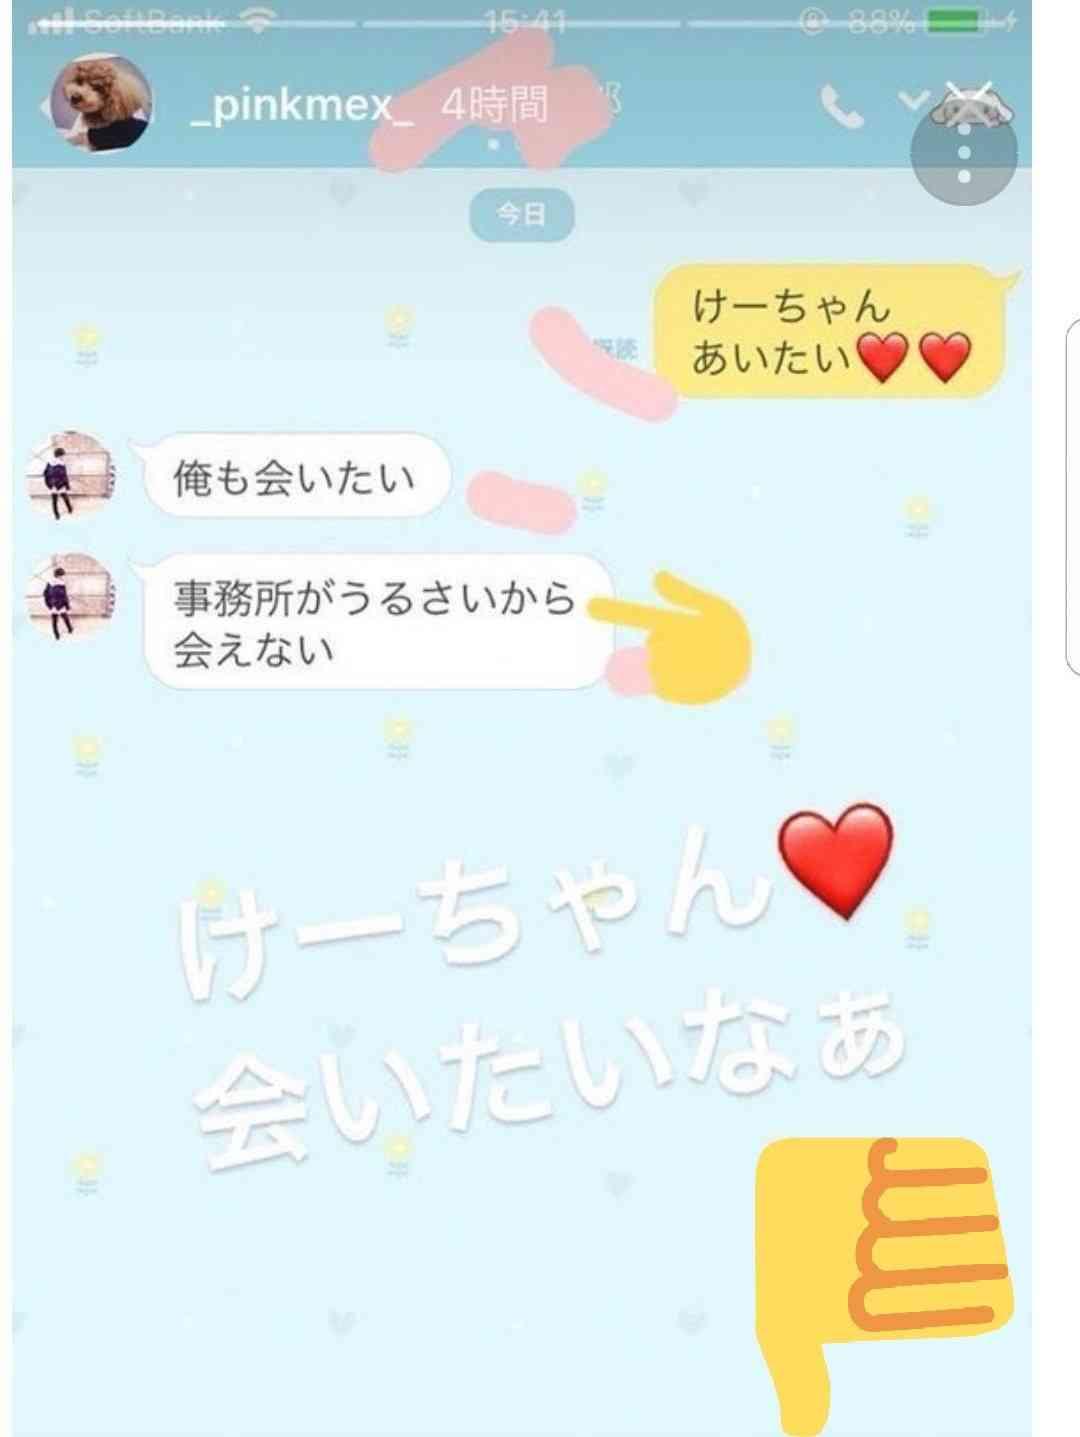 【週刊文春】NEWS手越祐也と未成年女性の「飲酒パーティー」動画